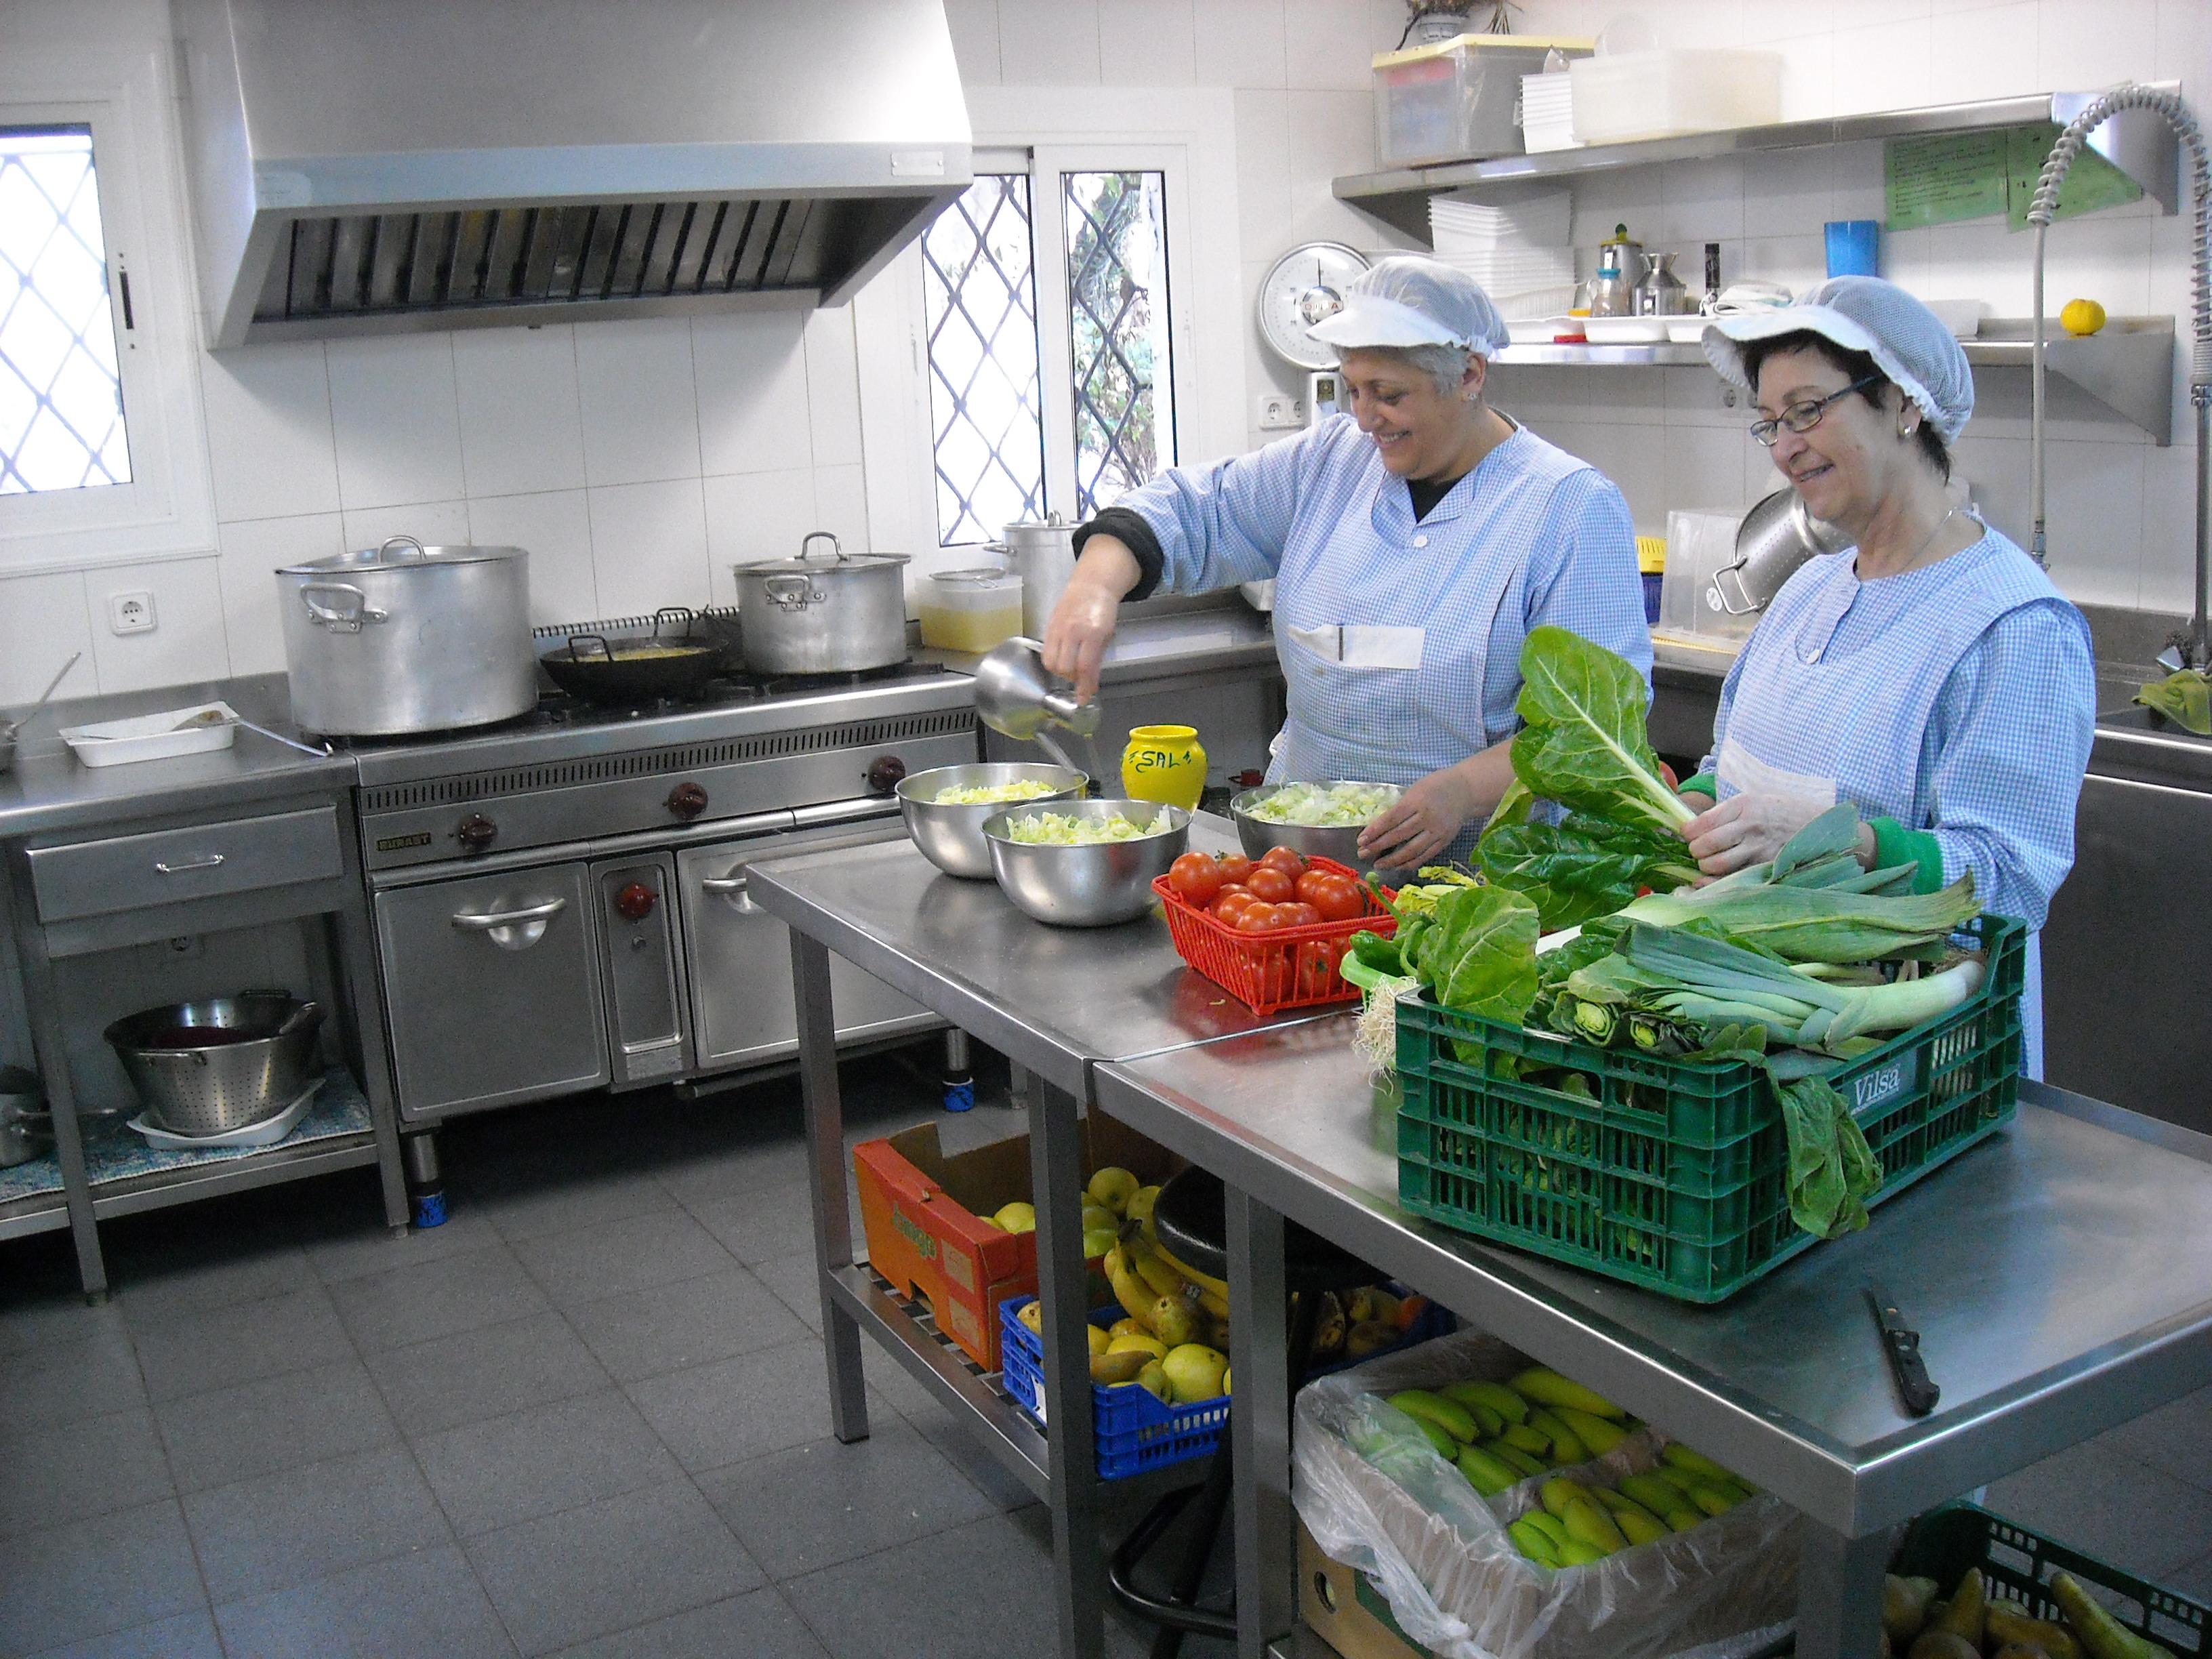 La cocina gimbebe - Todo sobre la cocina ...